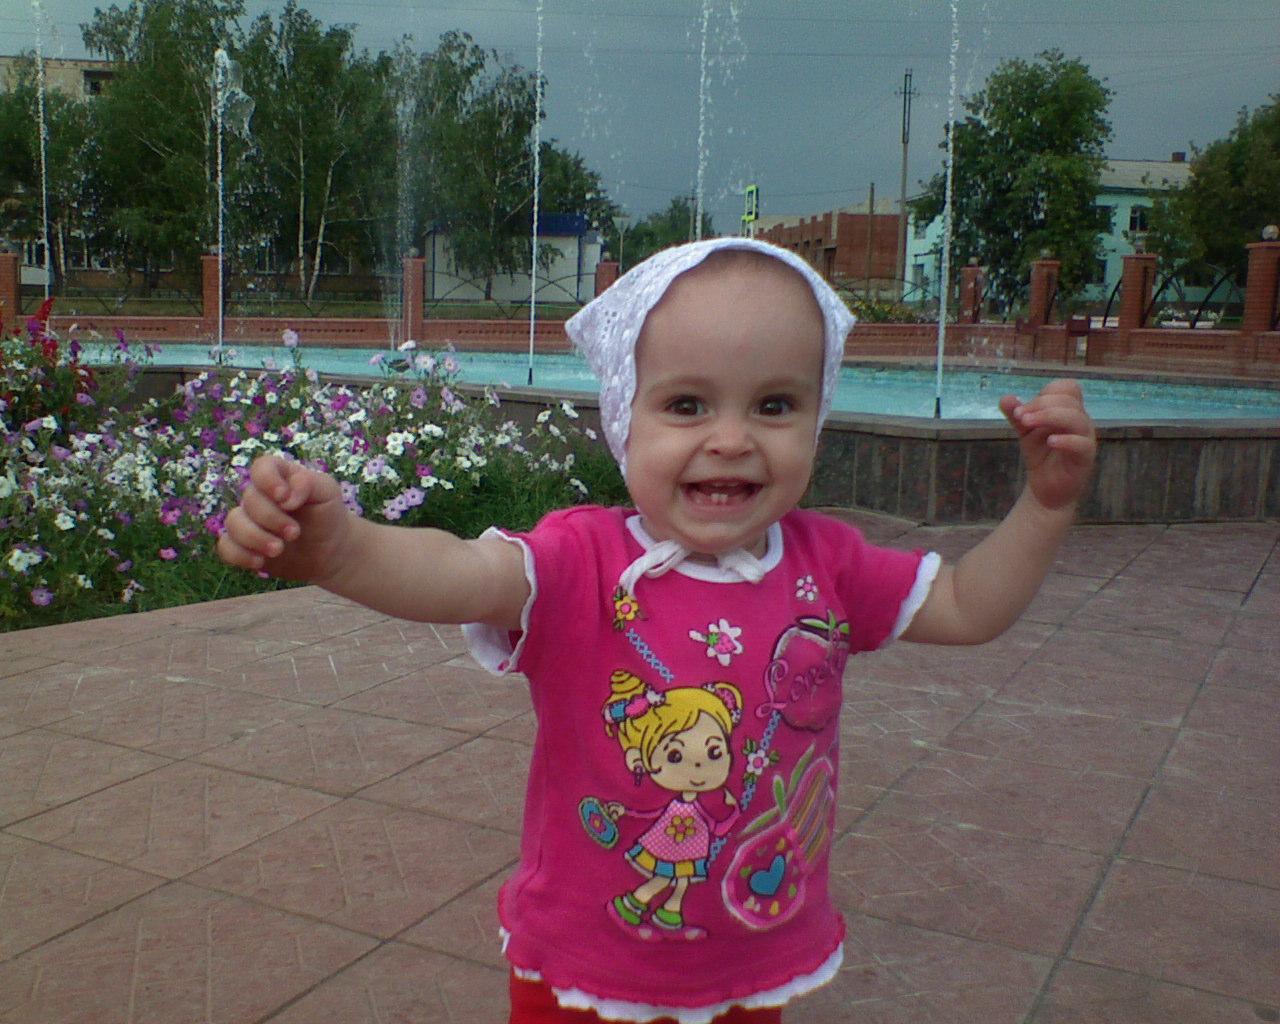 Любимое место для прогулки - фонтан!. Дети: художественное фото